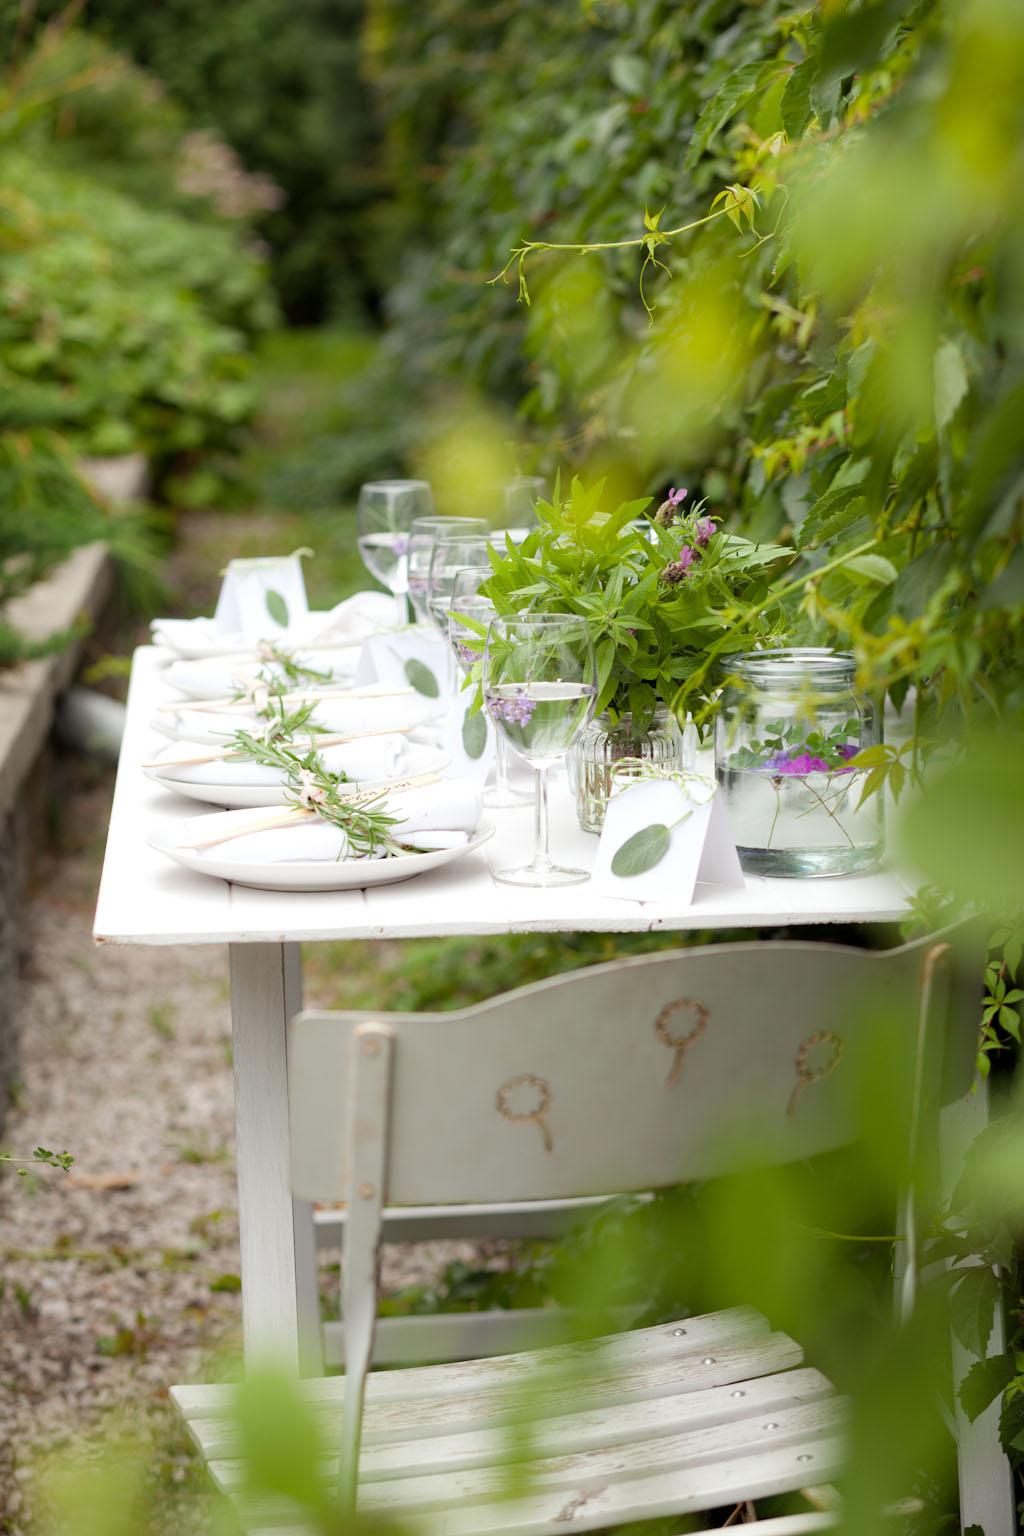 Zielnik na stole, czyli magiczne przyjęcie w romantycznym stylu. Konkurs Almette – Toskania czeka!